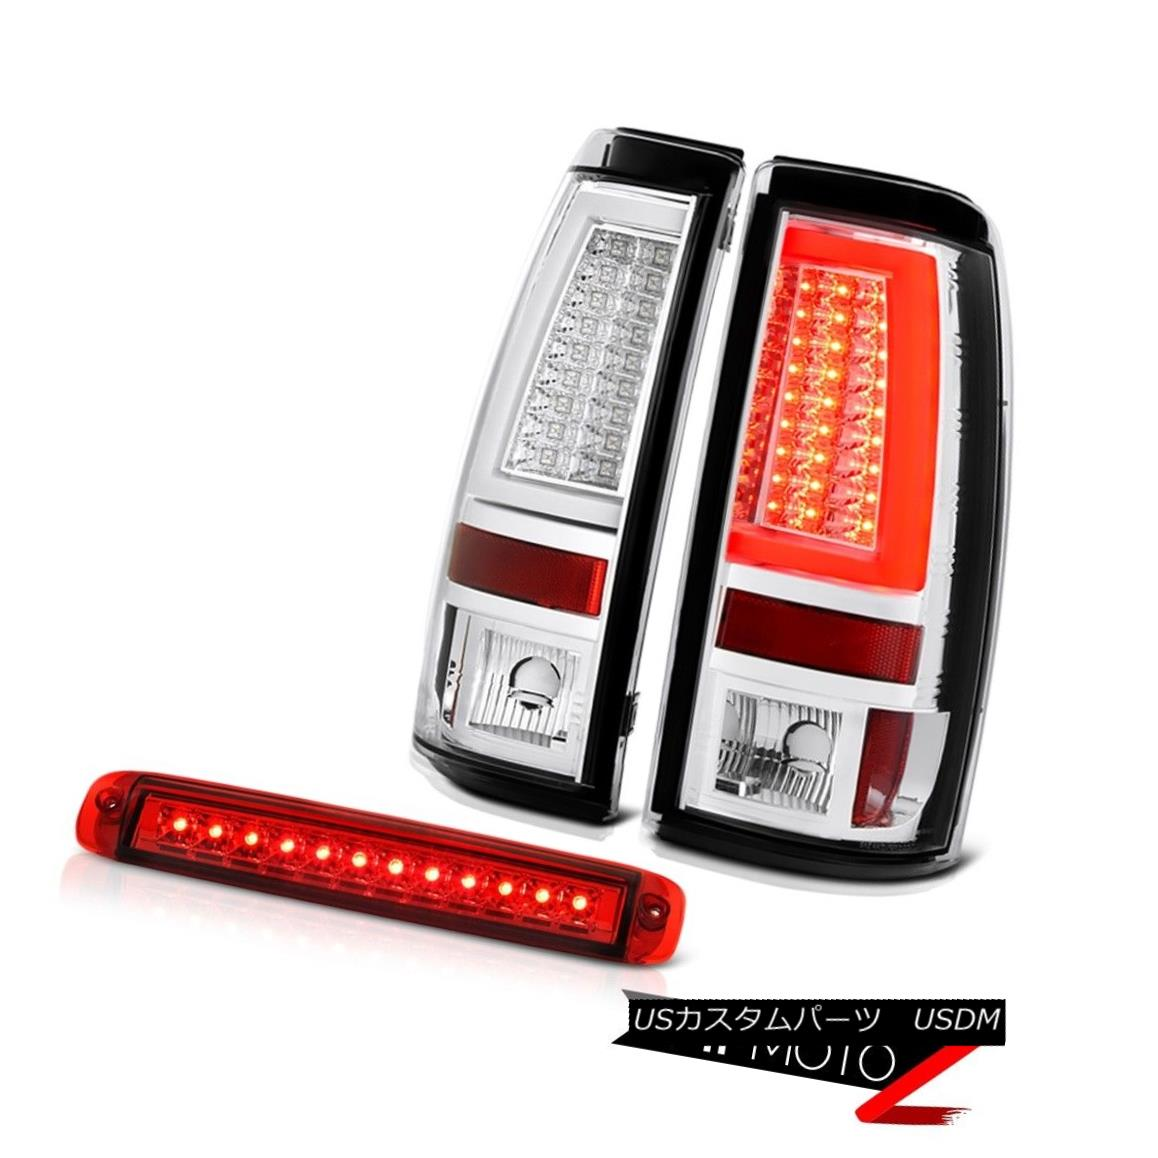 テールライト 03-06 Silverado 3500Hd Tail Lamps Red Clear Third Brake Lamp Frosty Neon Tube 03-06シルバラード3500Hdテールランプレッドクリア第3ブレーキランプフロスティネオンチューブ